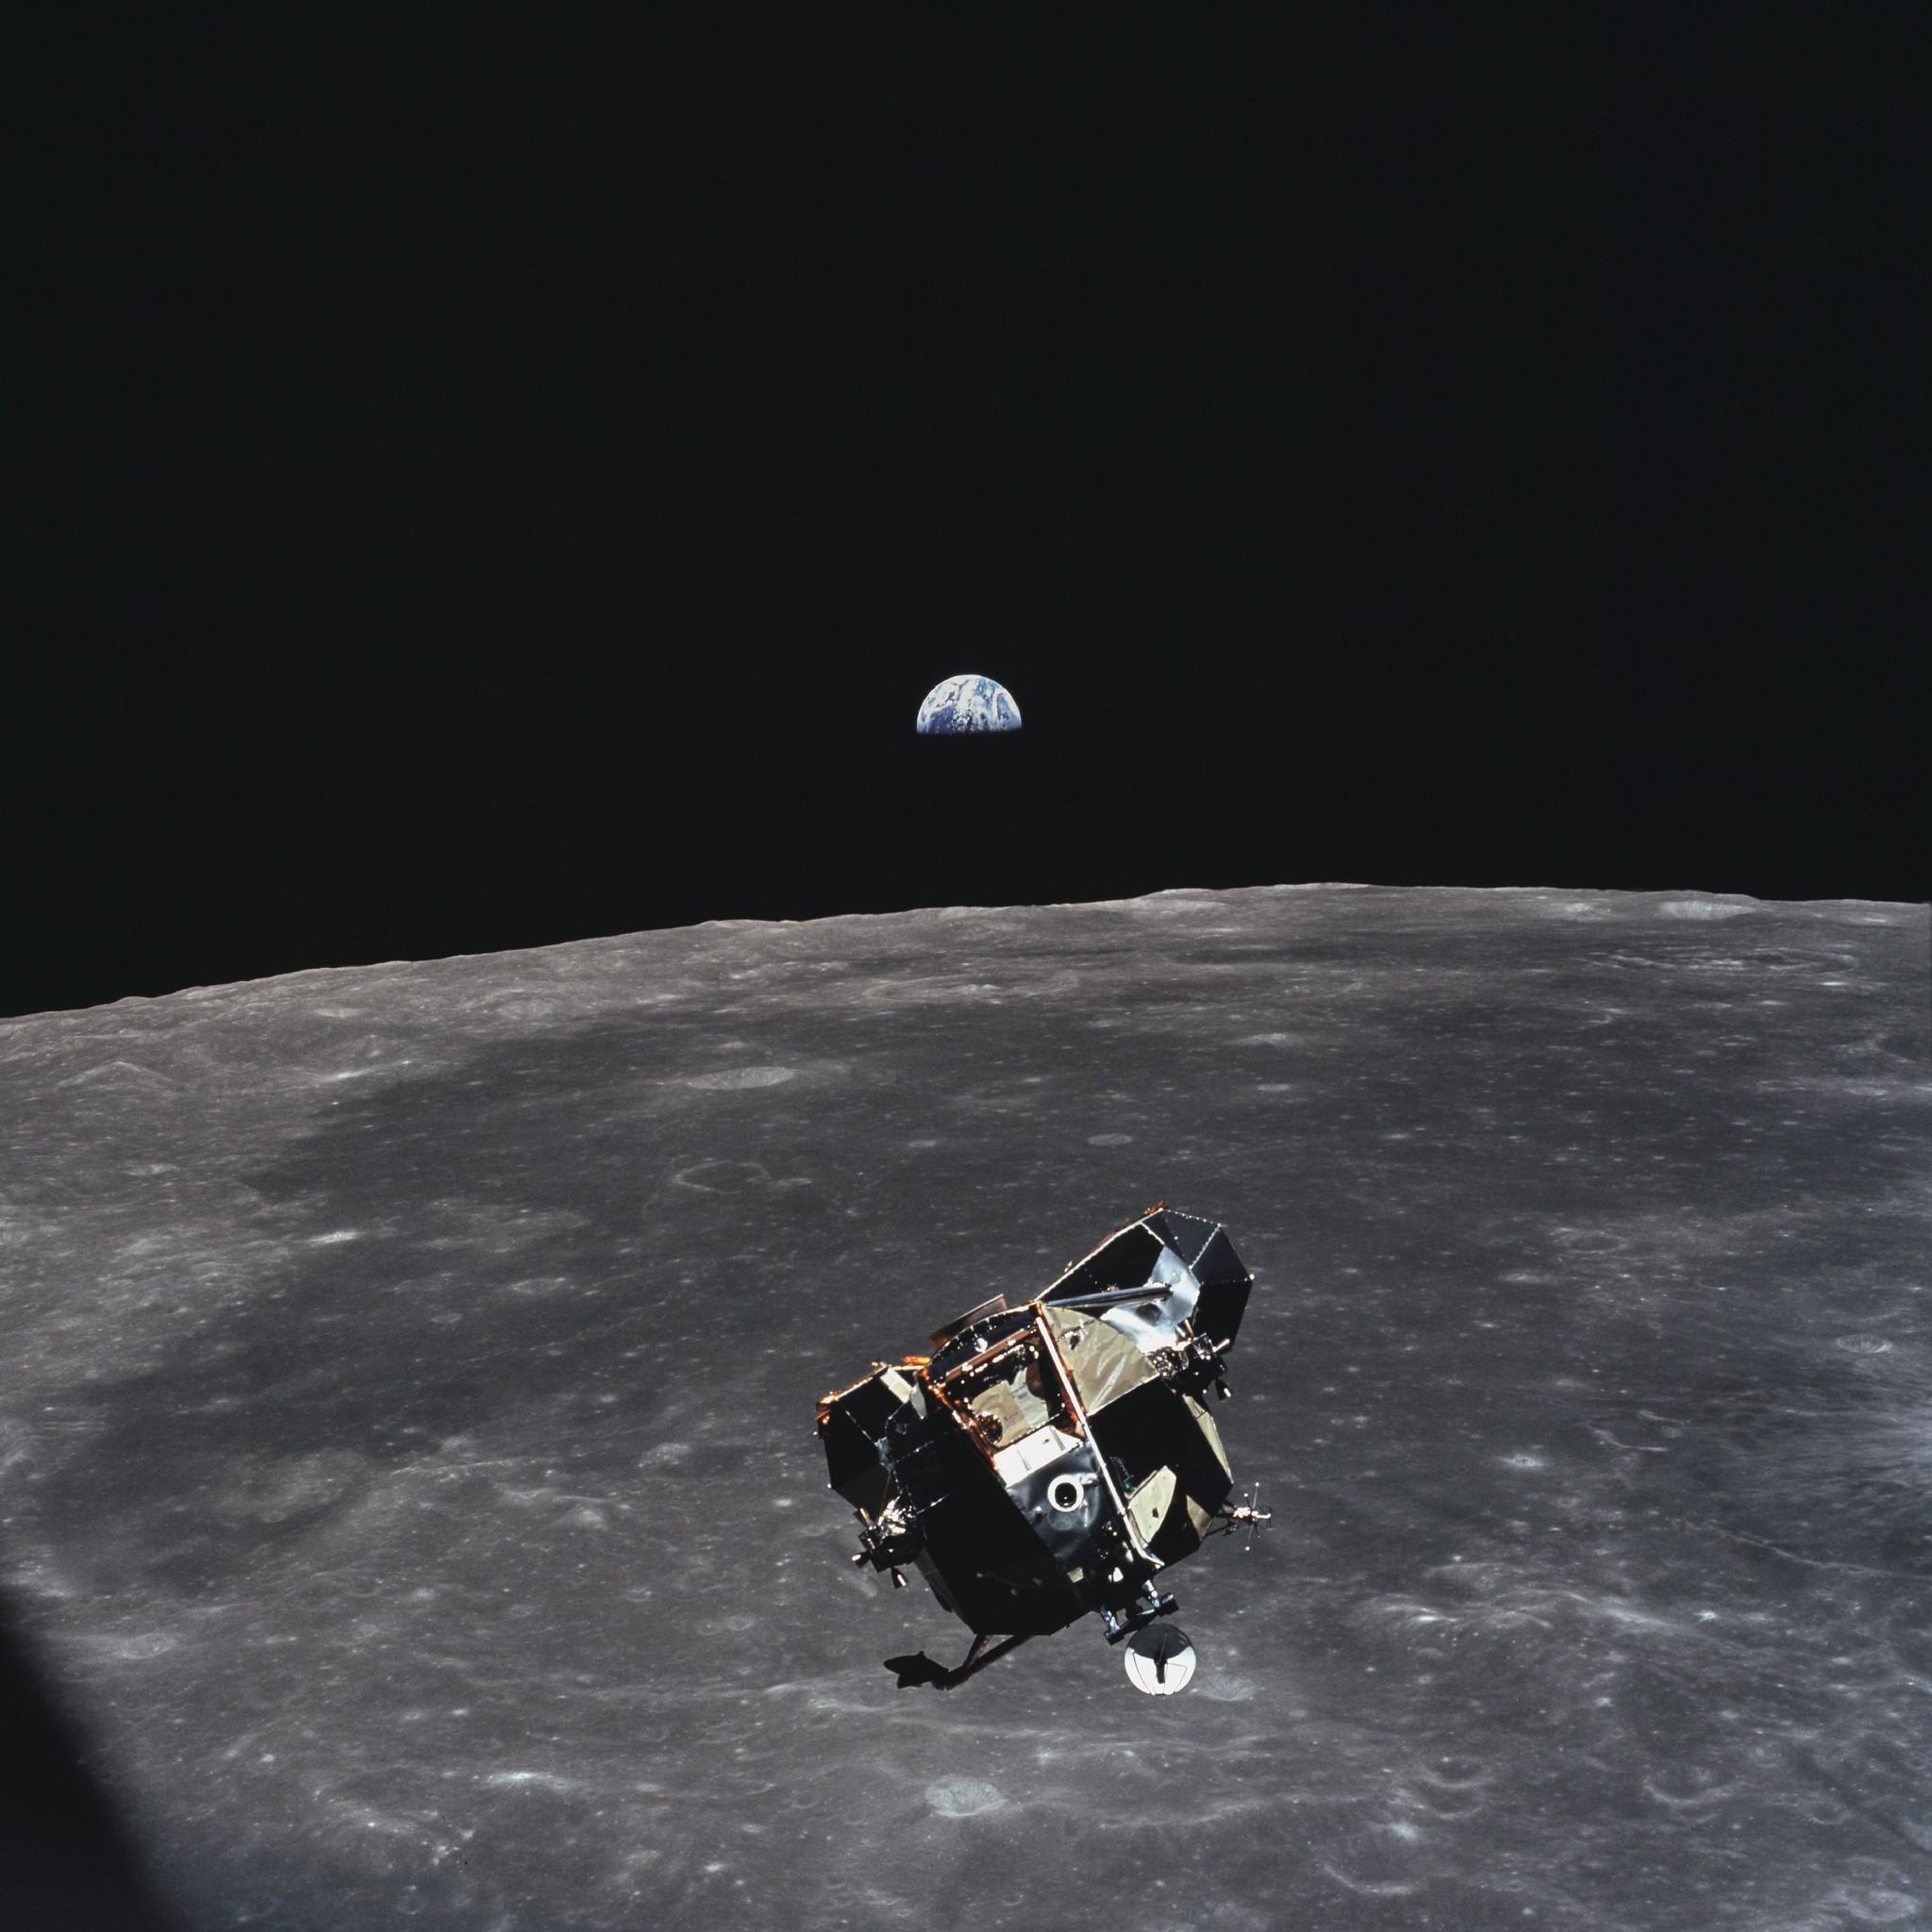 Module lunaire (LM) Apollo 11, rendez-vous en orbite lunaire, phase ascendante, Armstrong et Aldrin a bord, depuis CSM, Lune © NASA - as11-44-6642-21 Juillet 1969